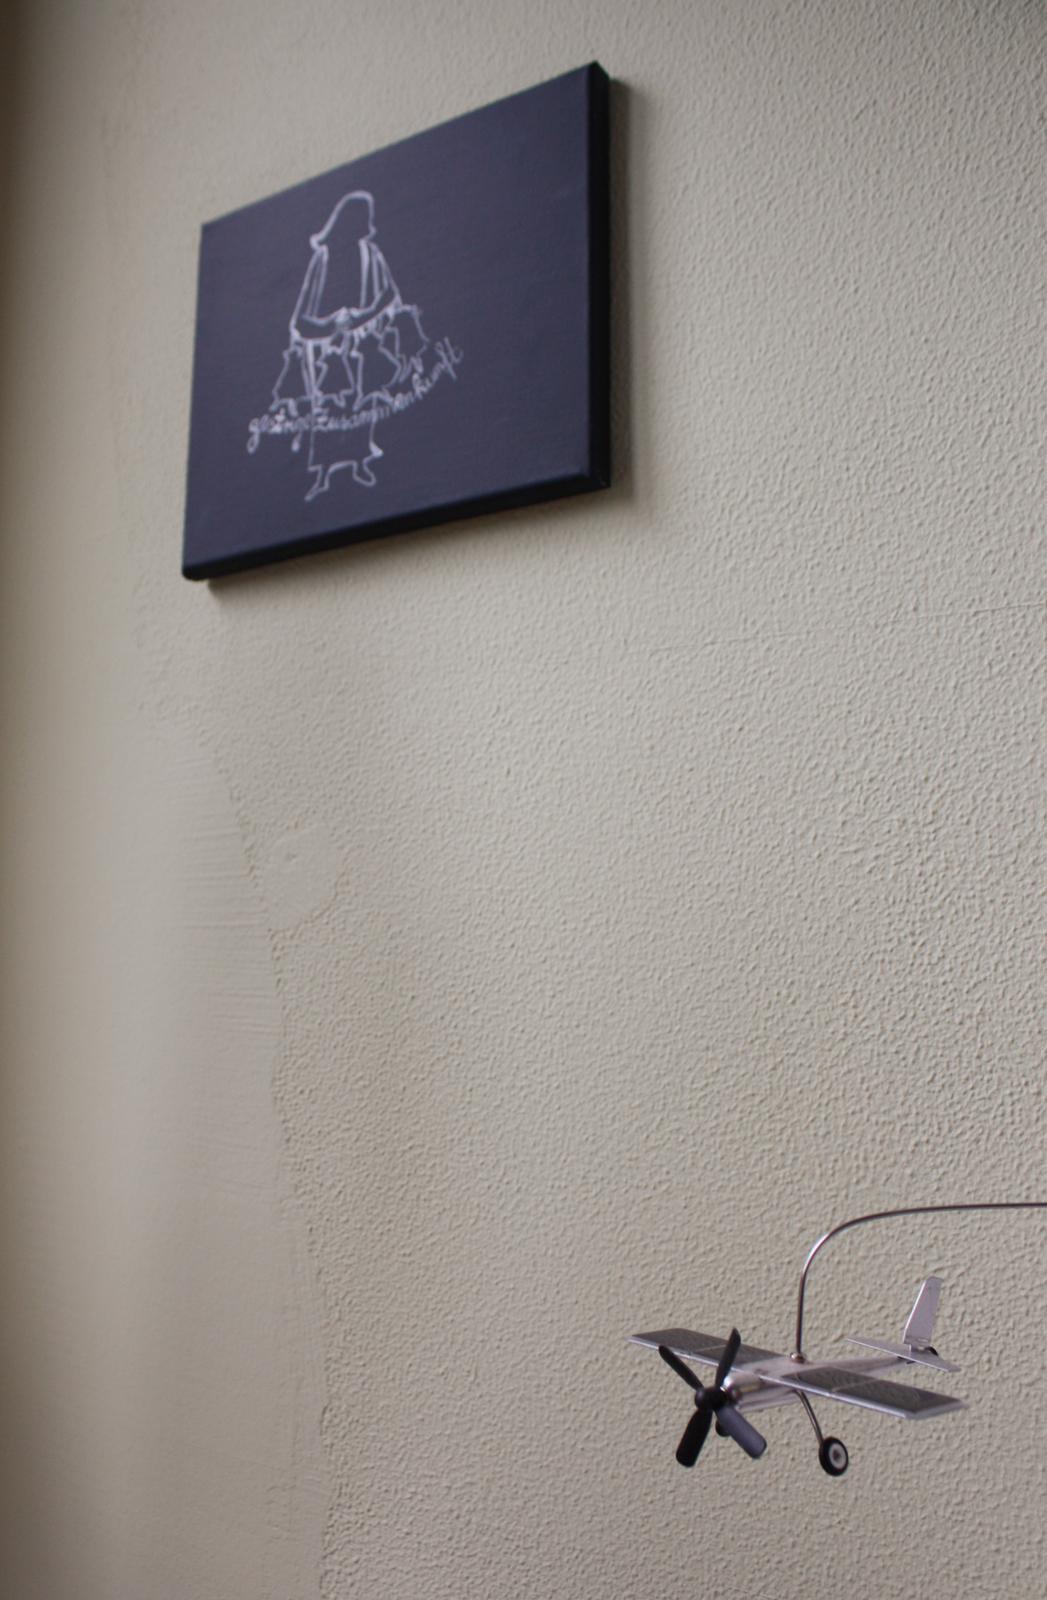 kreidefarbe-Edelweiss-111-flieger-wand-zementfliesen-terrazzofliesen-viaplatten | Kreidefarbe Edelweiß 2500 ml